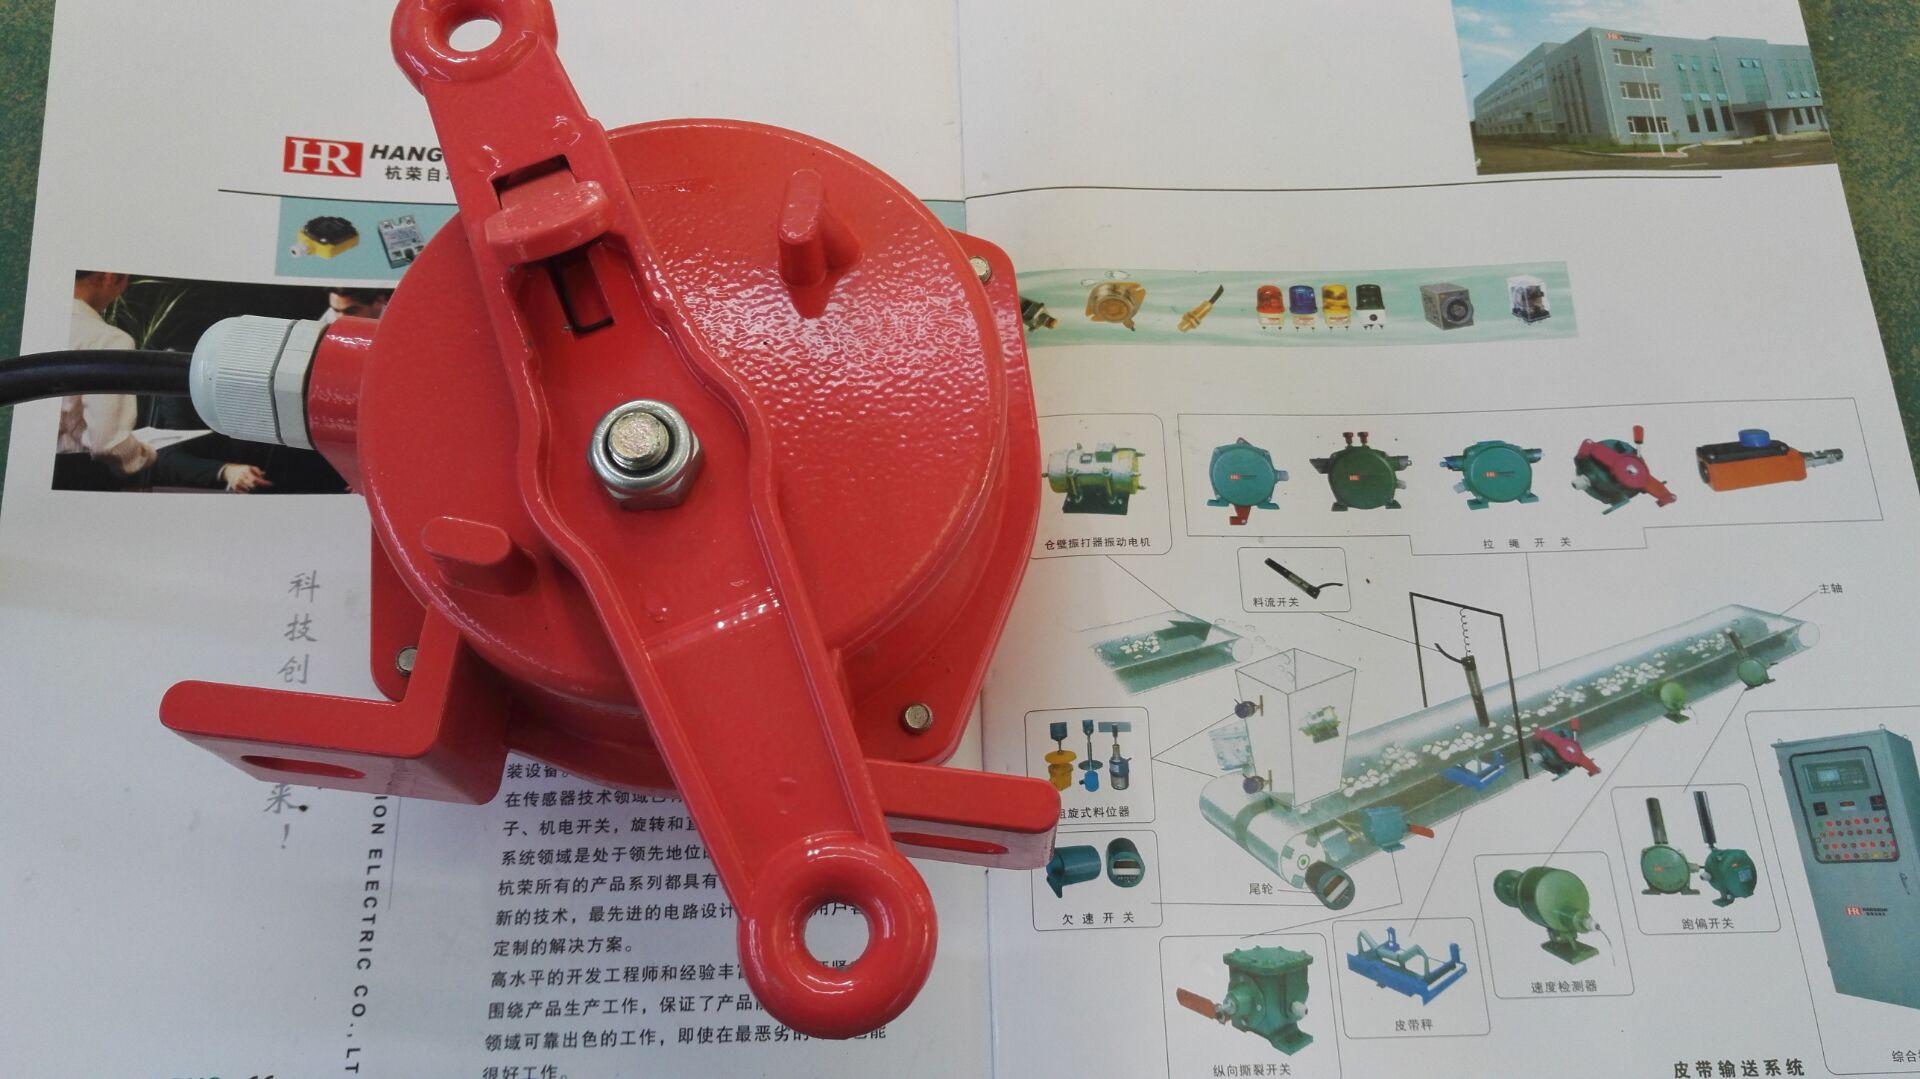 四,安装与接线: 1.将拉绳开关固定在支架上,然后焊在机架上. 2.